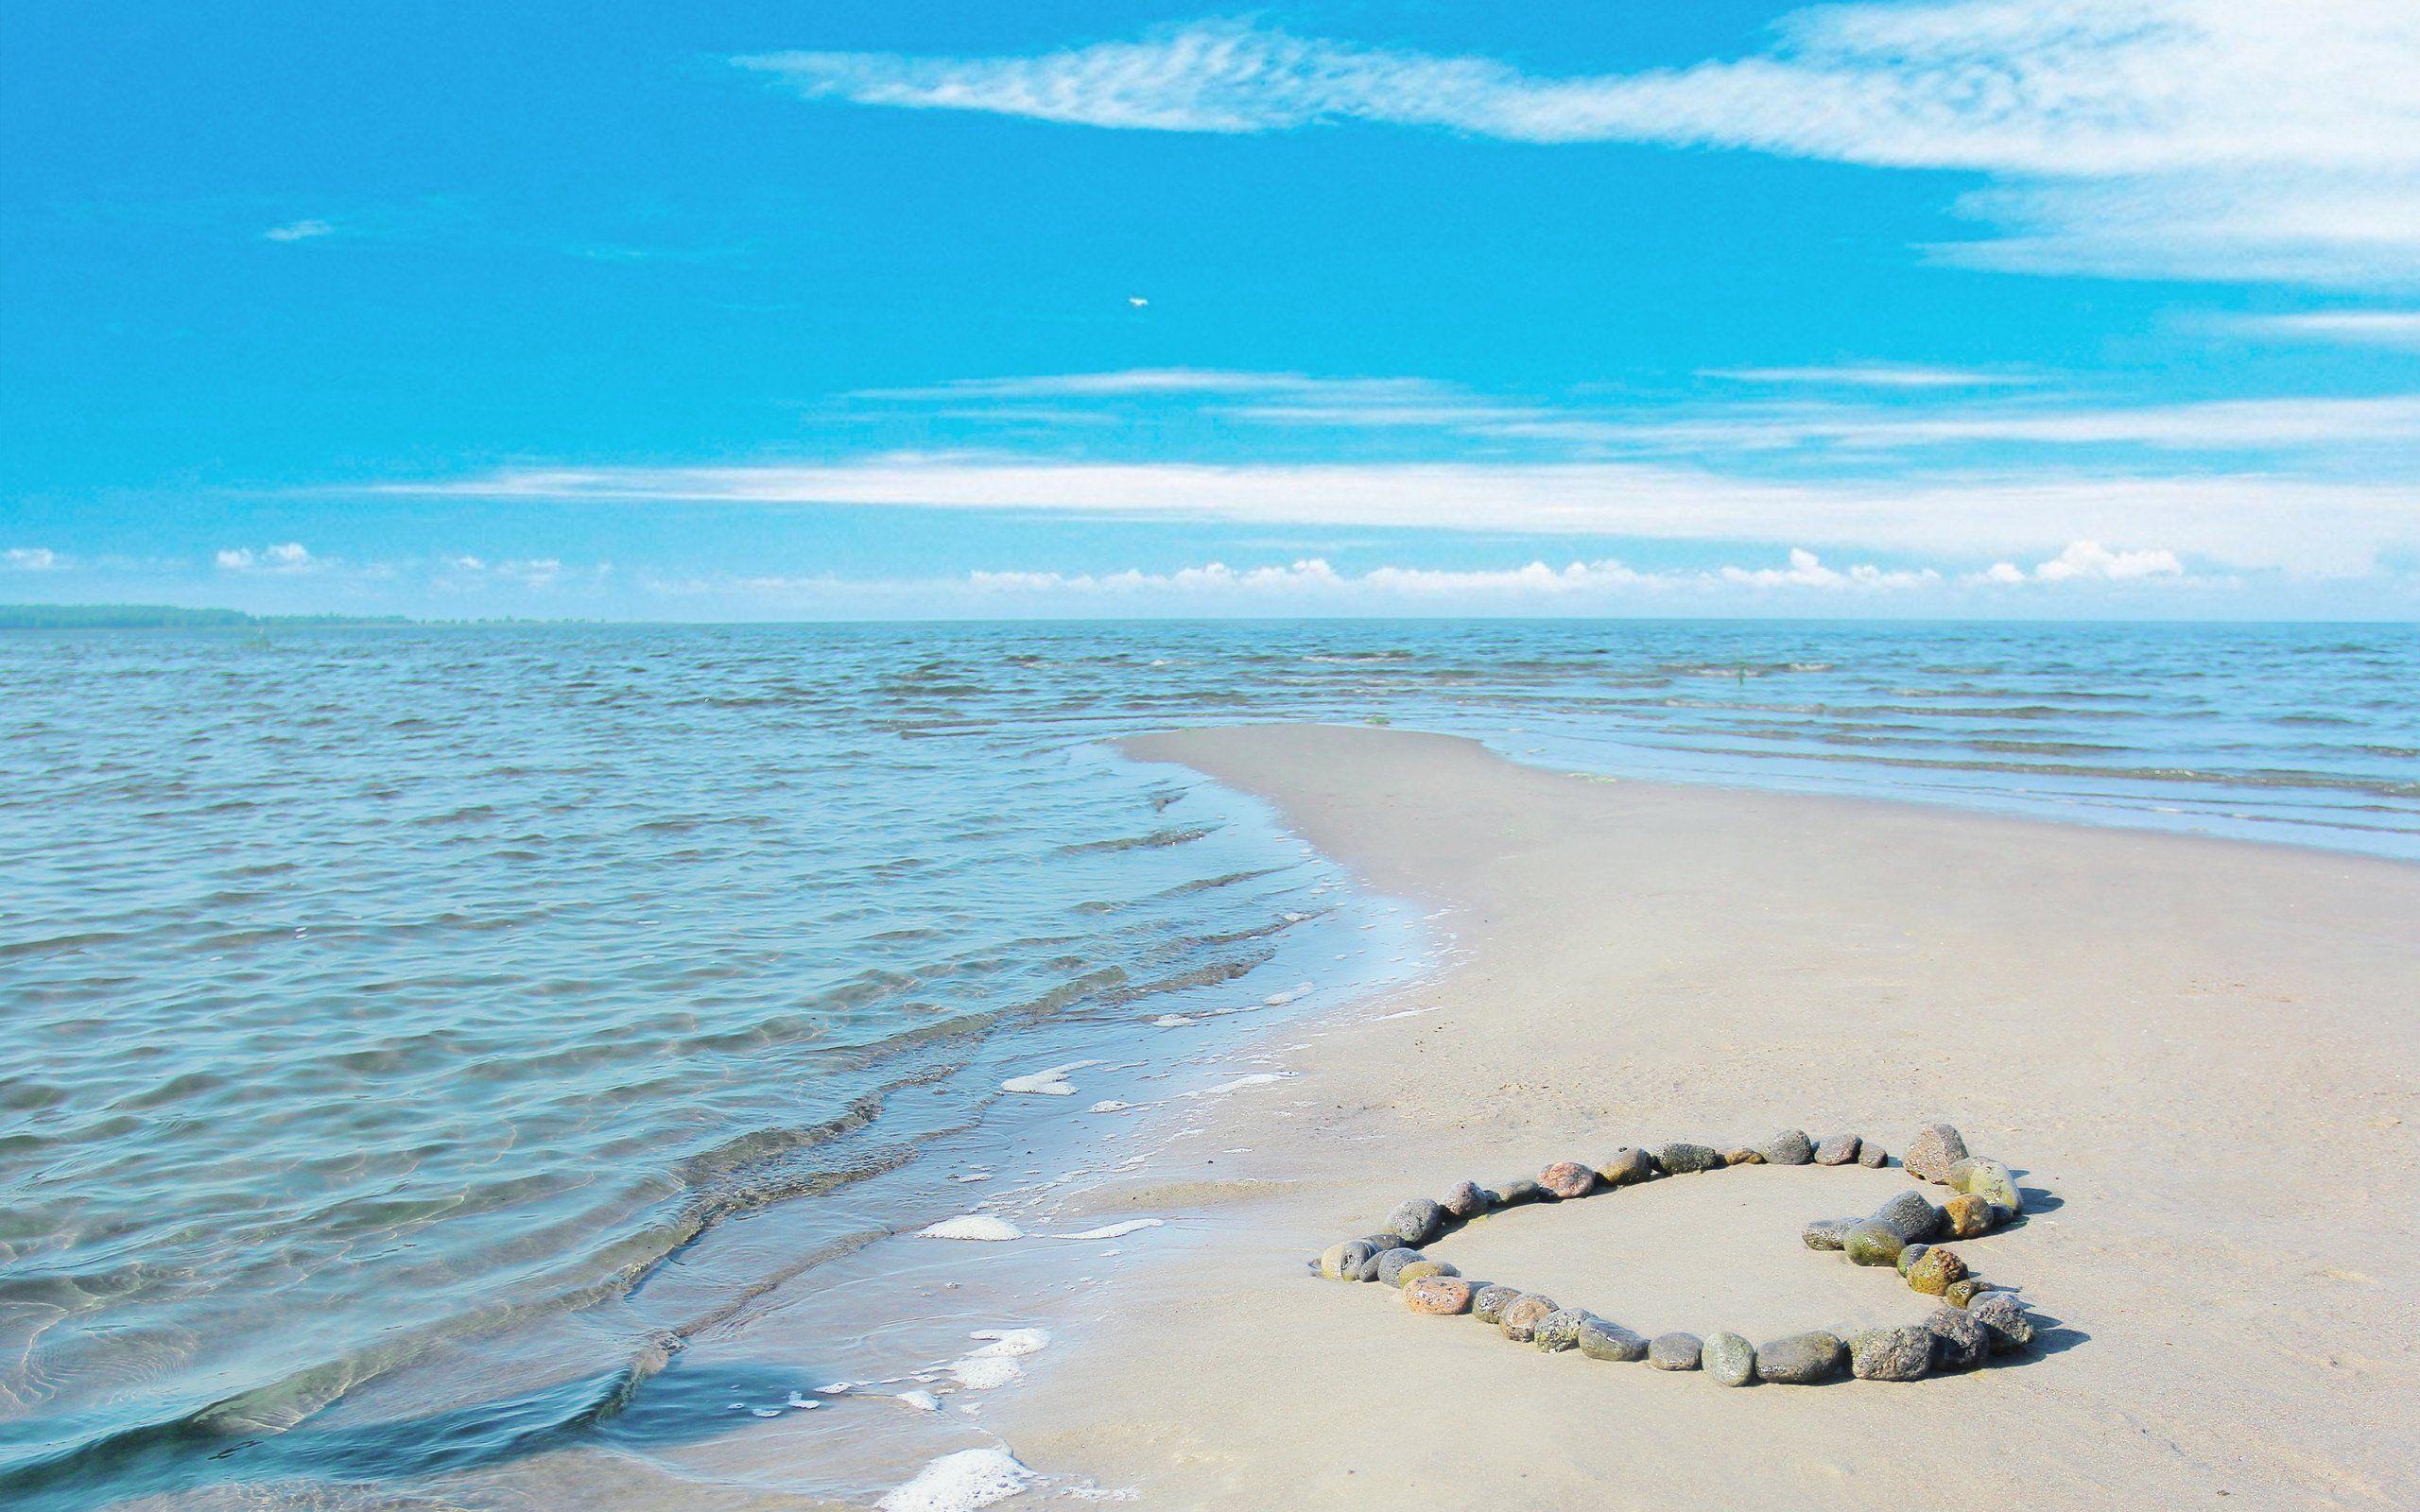 I Heart The Beach Ocean Sea Sand Waves Sunshine Summer Love Landscape Beach Sky Sea